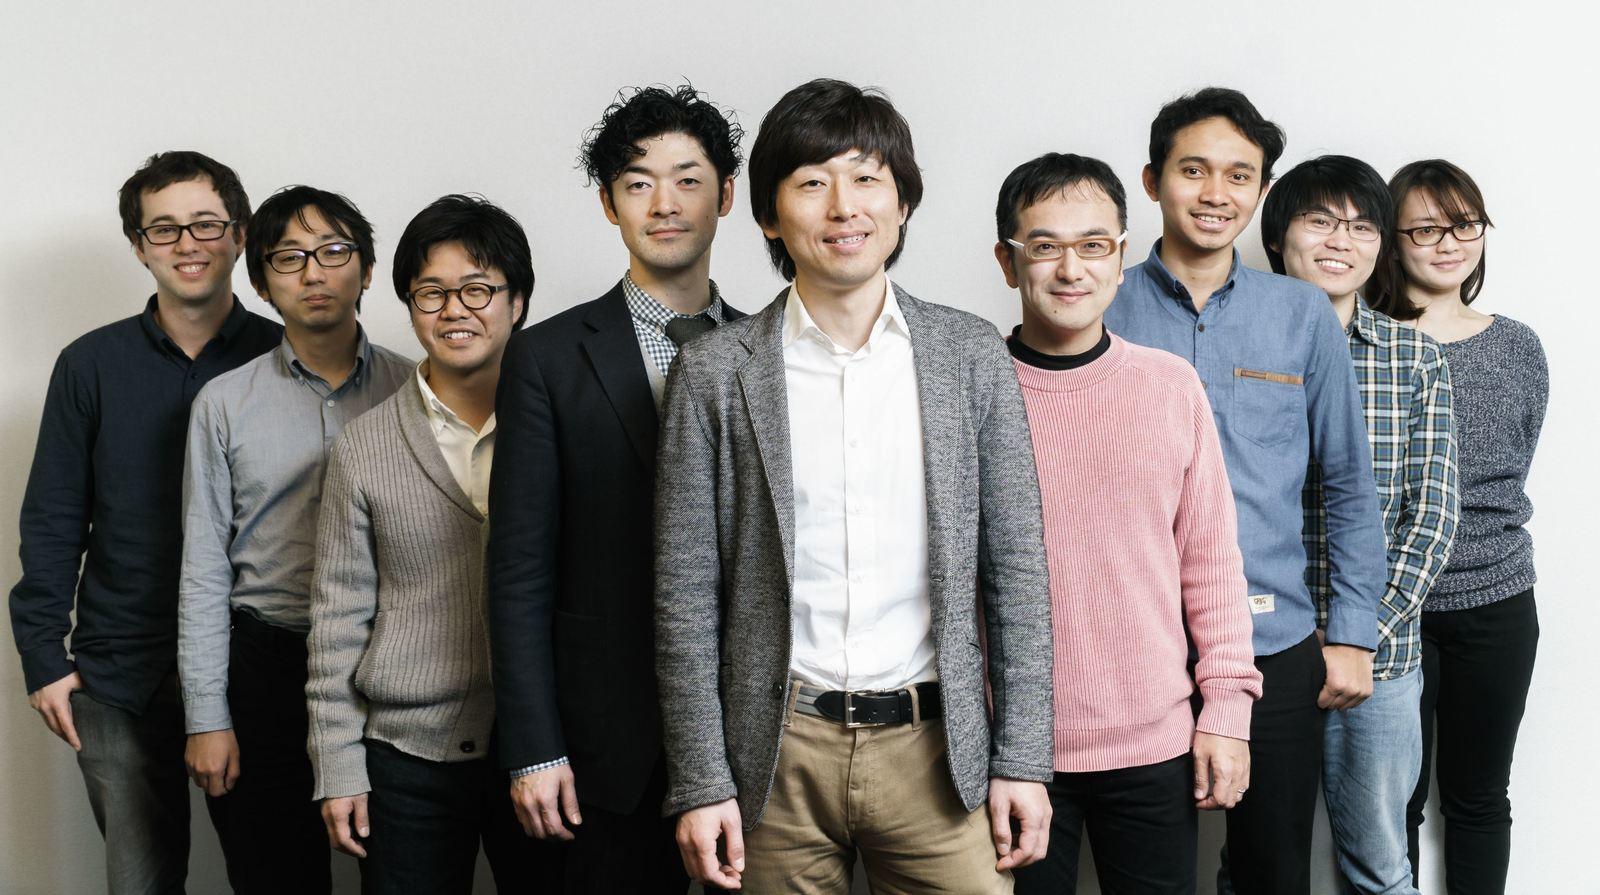 クラウドERPツバイソを開発するWebアプリケーションエンジニアを募集!